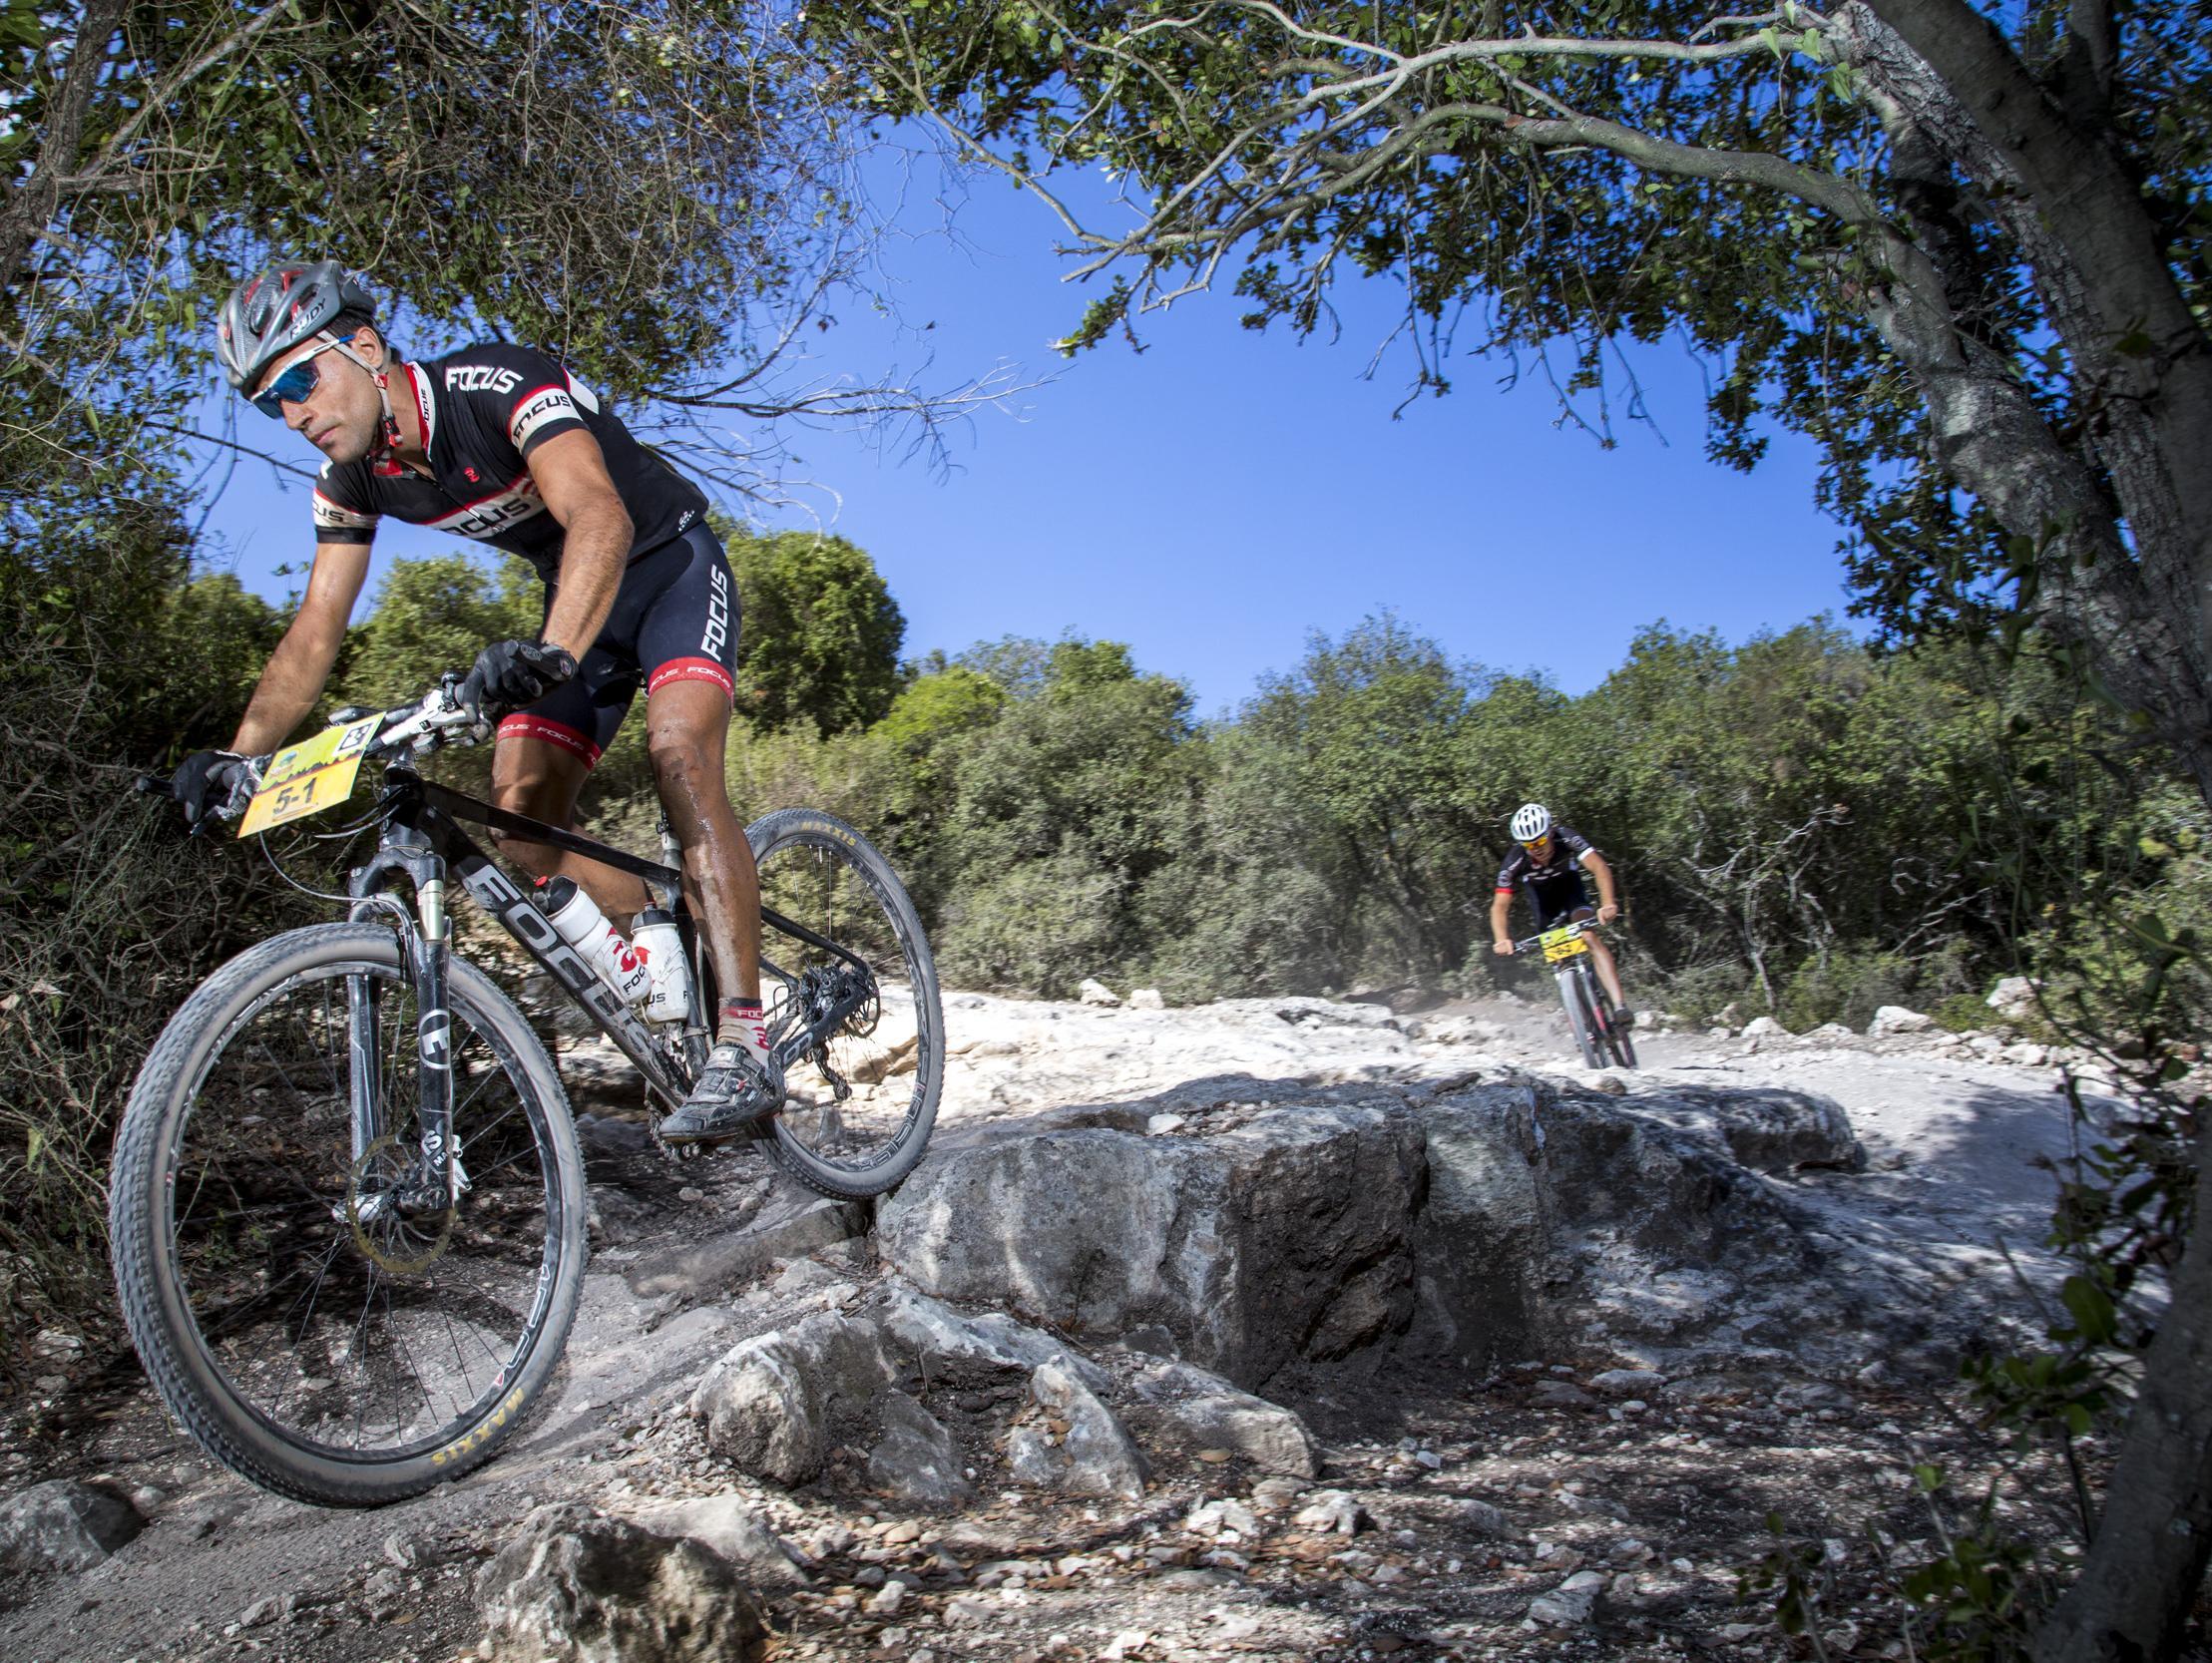 מירוץ האופניים 'אפיק' ישראל יוצא לדרך בסופ